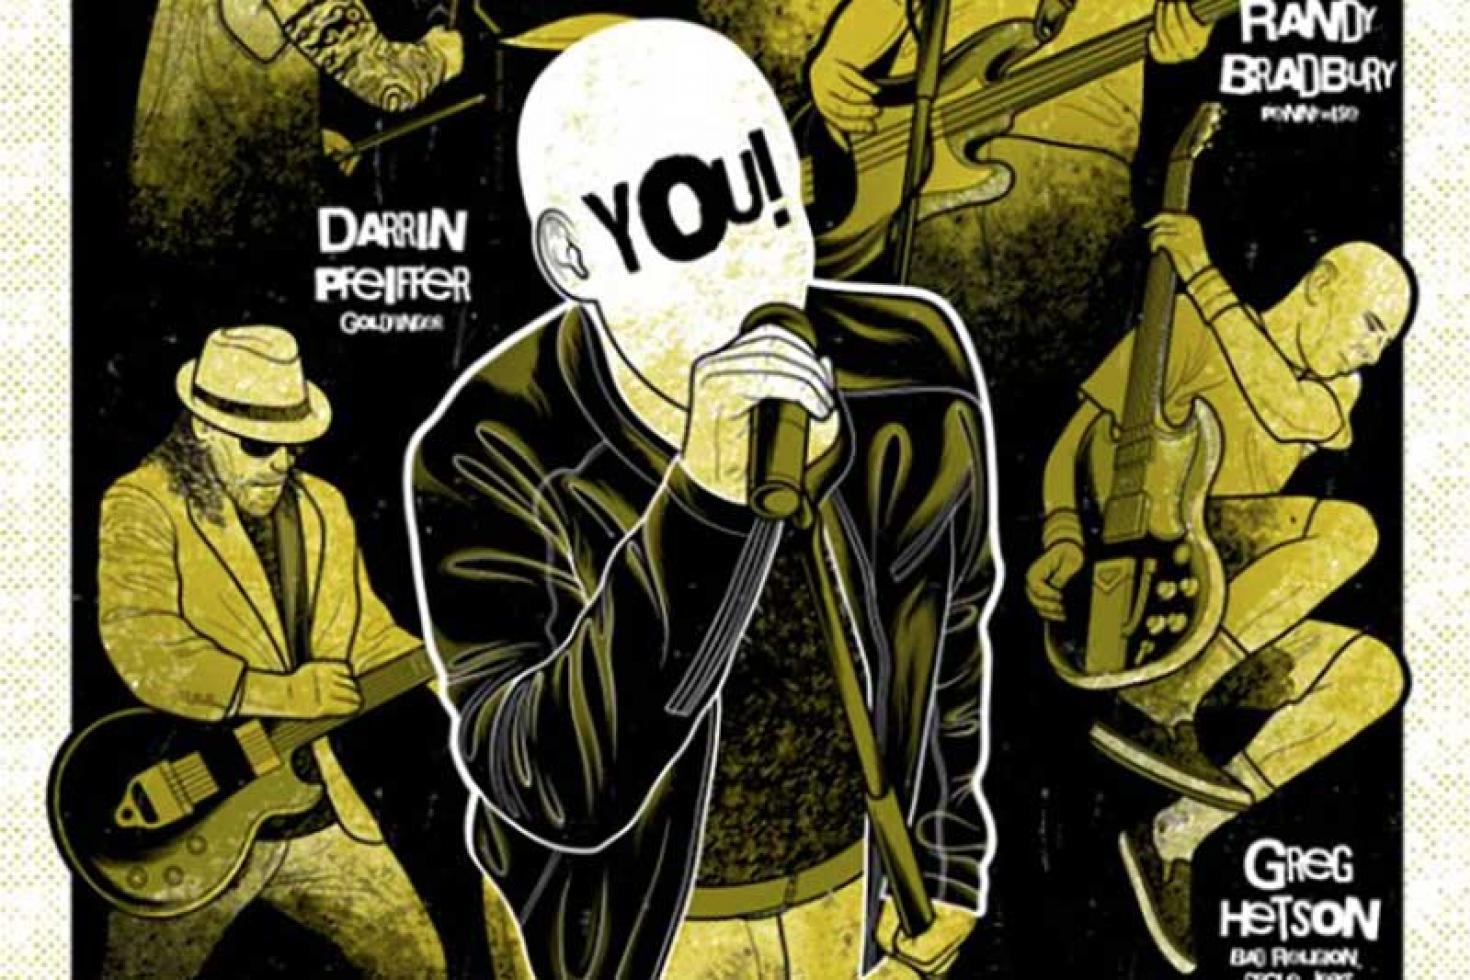 Punk Rock Karaoke wants you to sing along